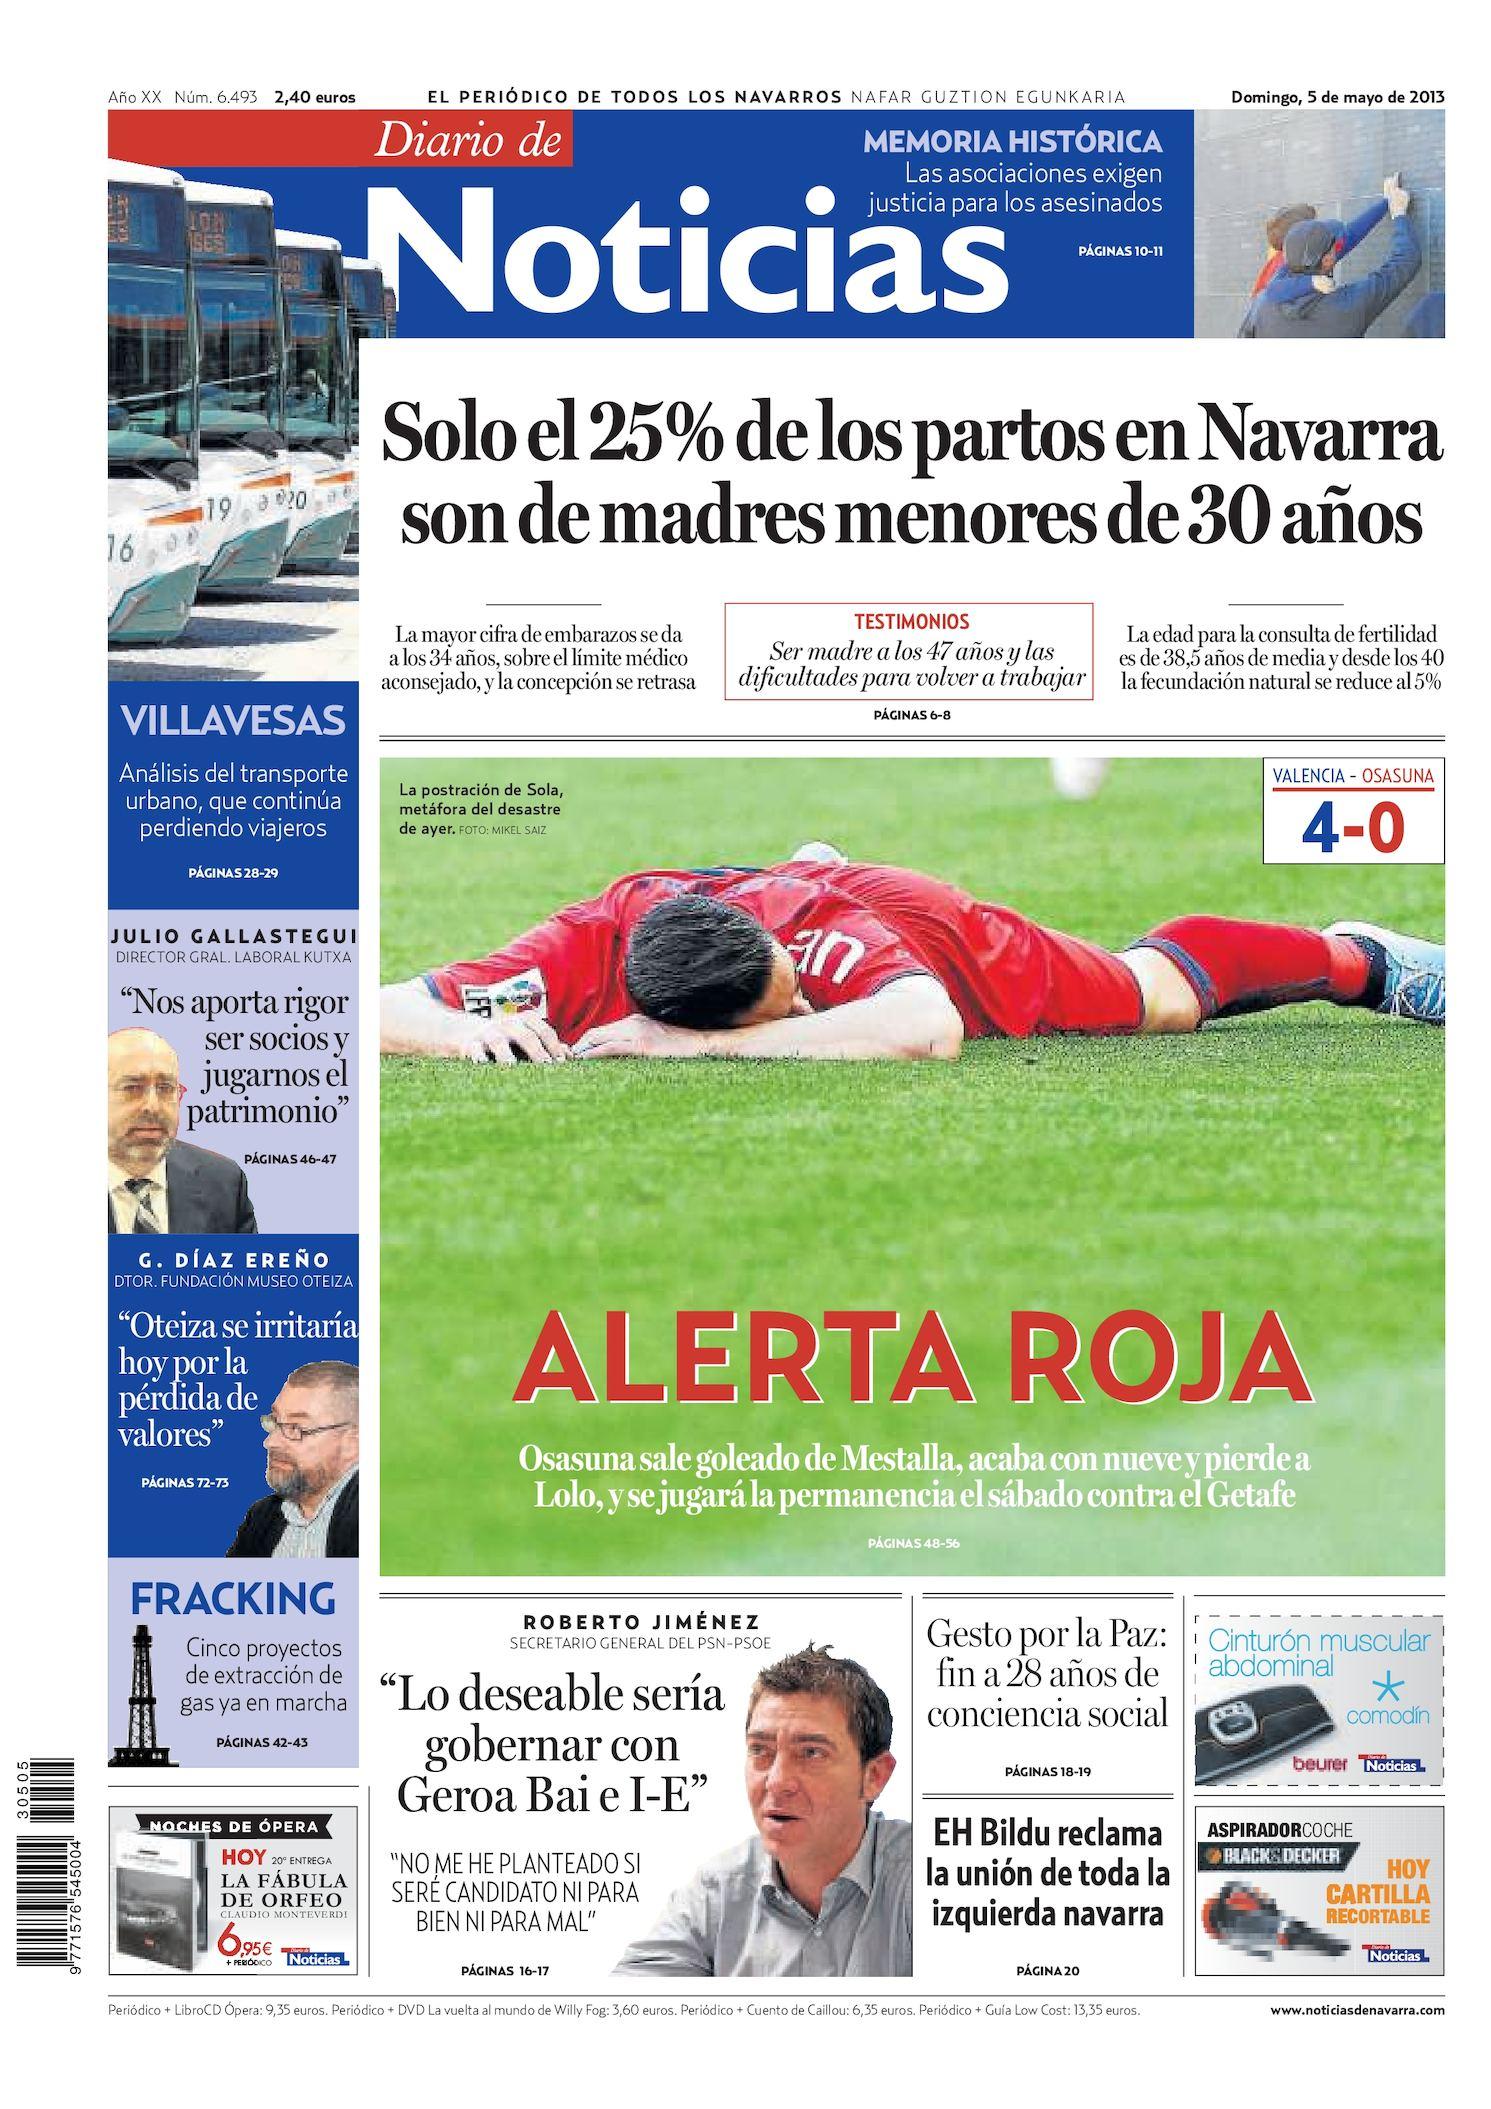 466b69acd42b Calaméo - Diario de Noticias 20130505